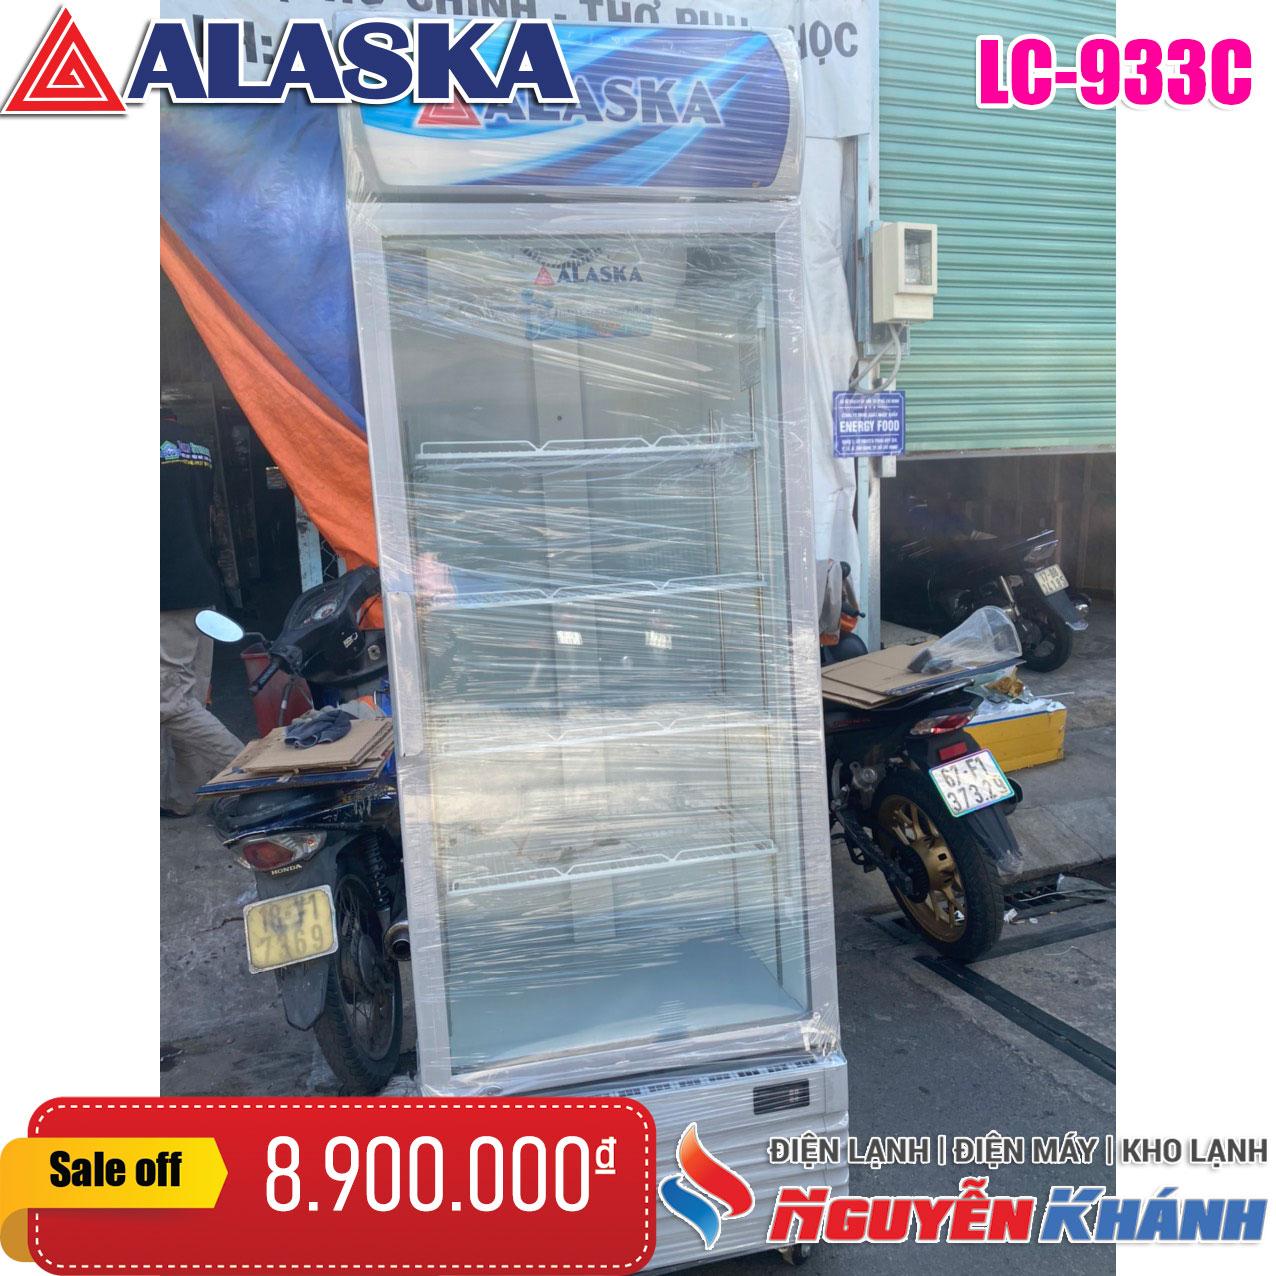 Tủ mát Alaska LC-933C 530 lít